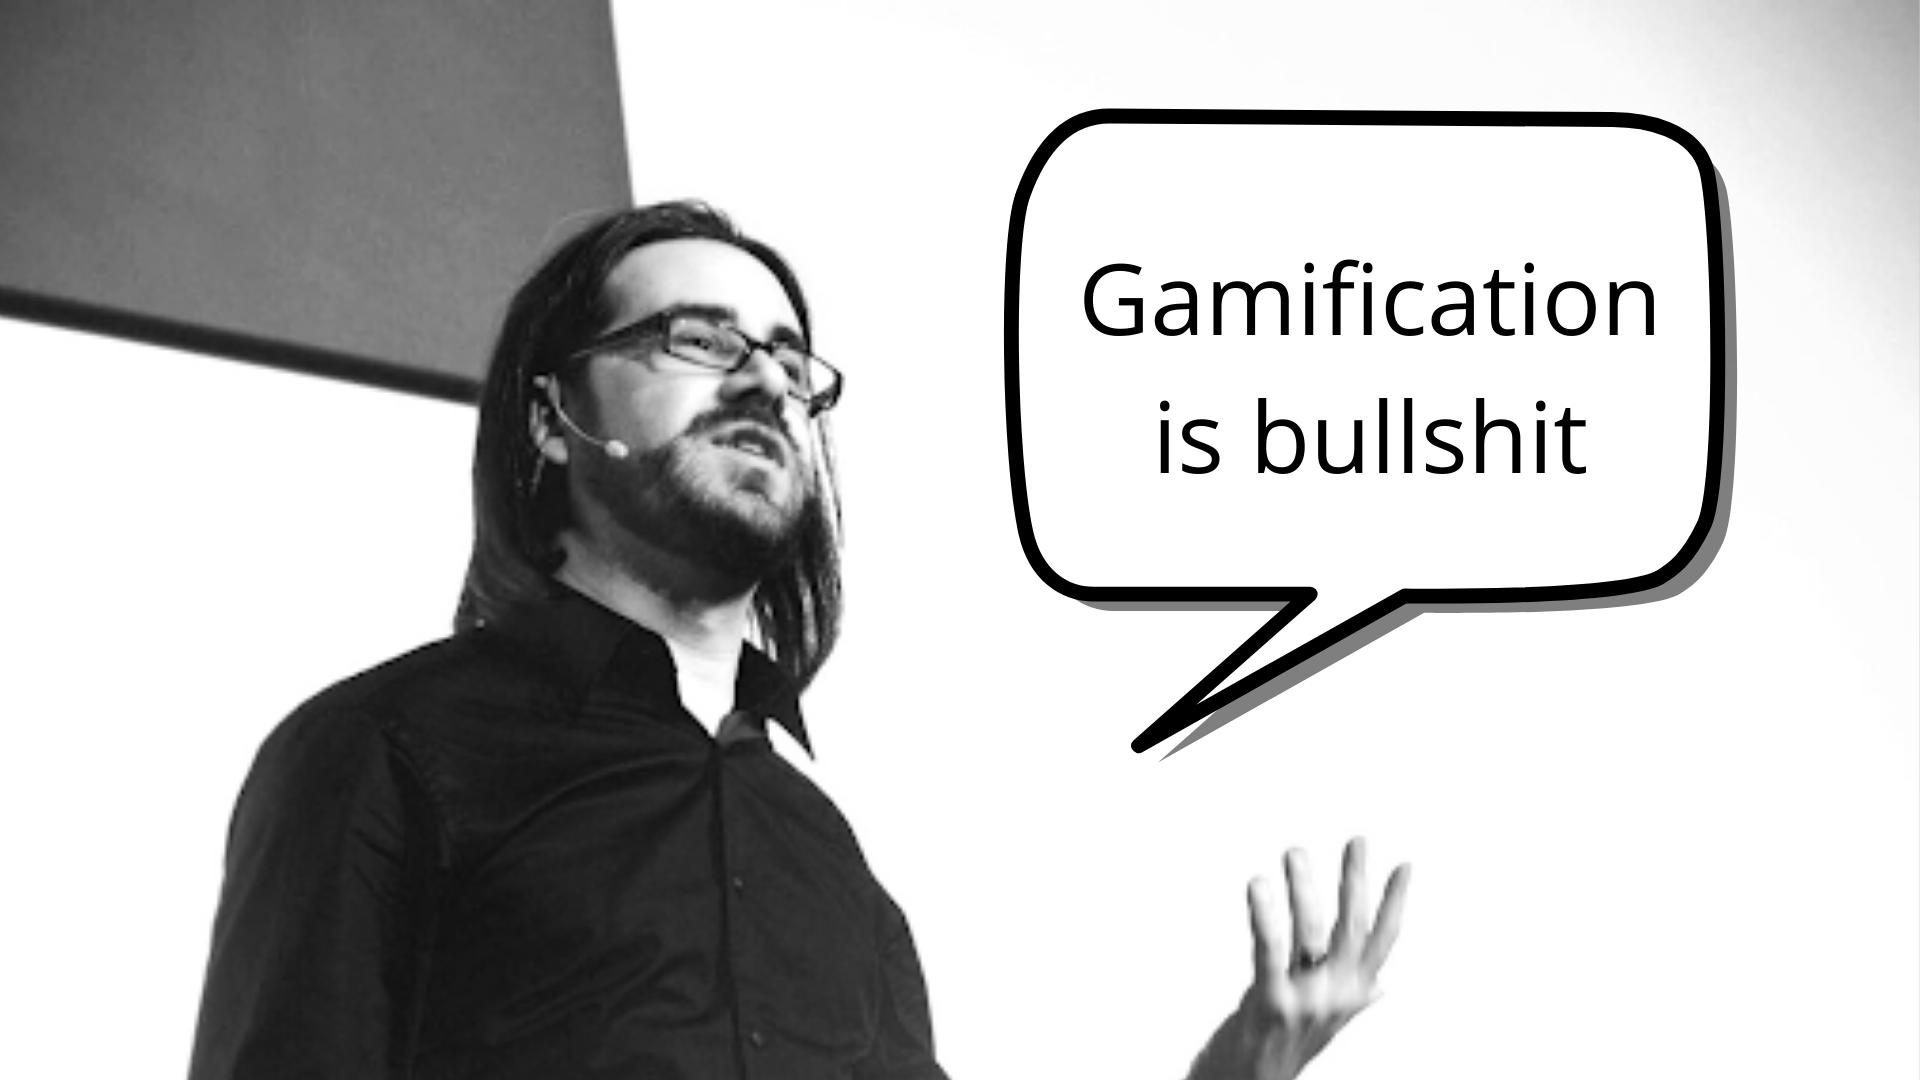 gamification is bullshit